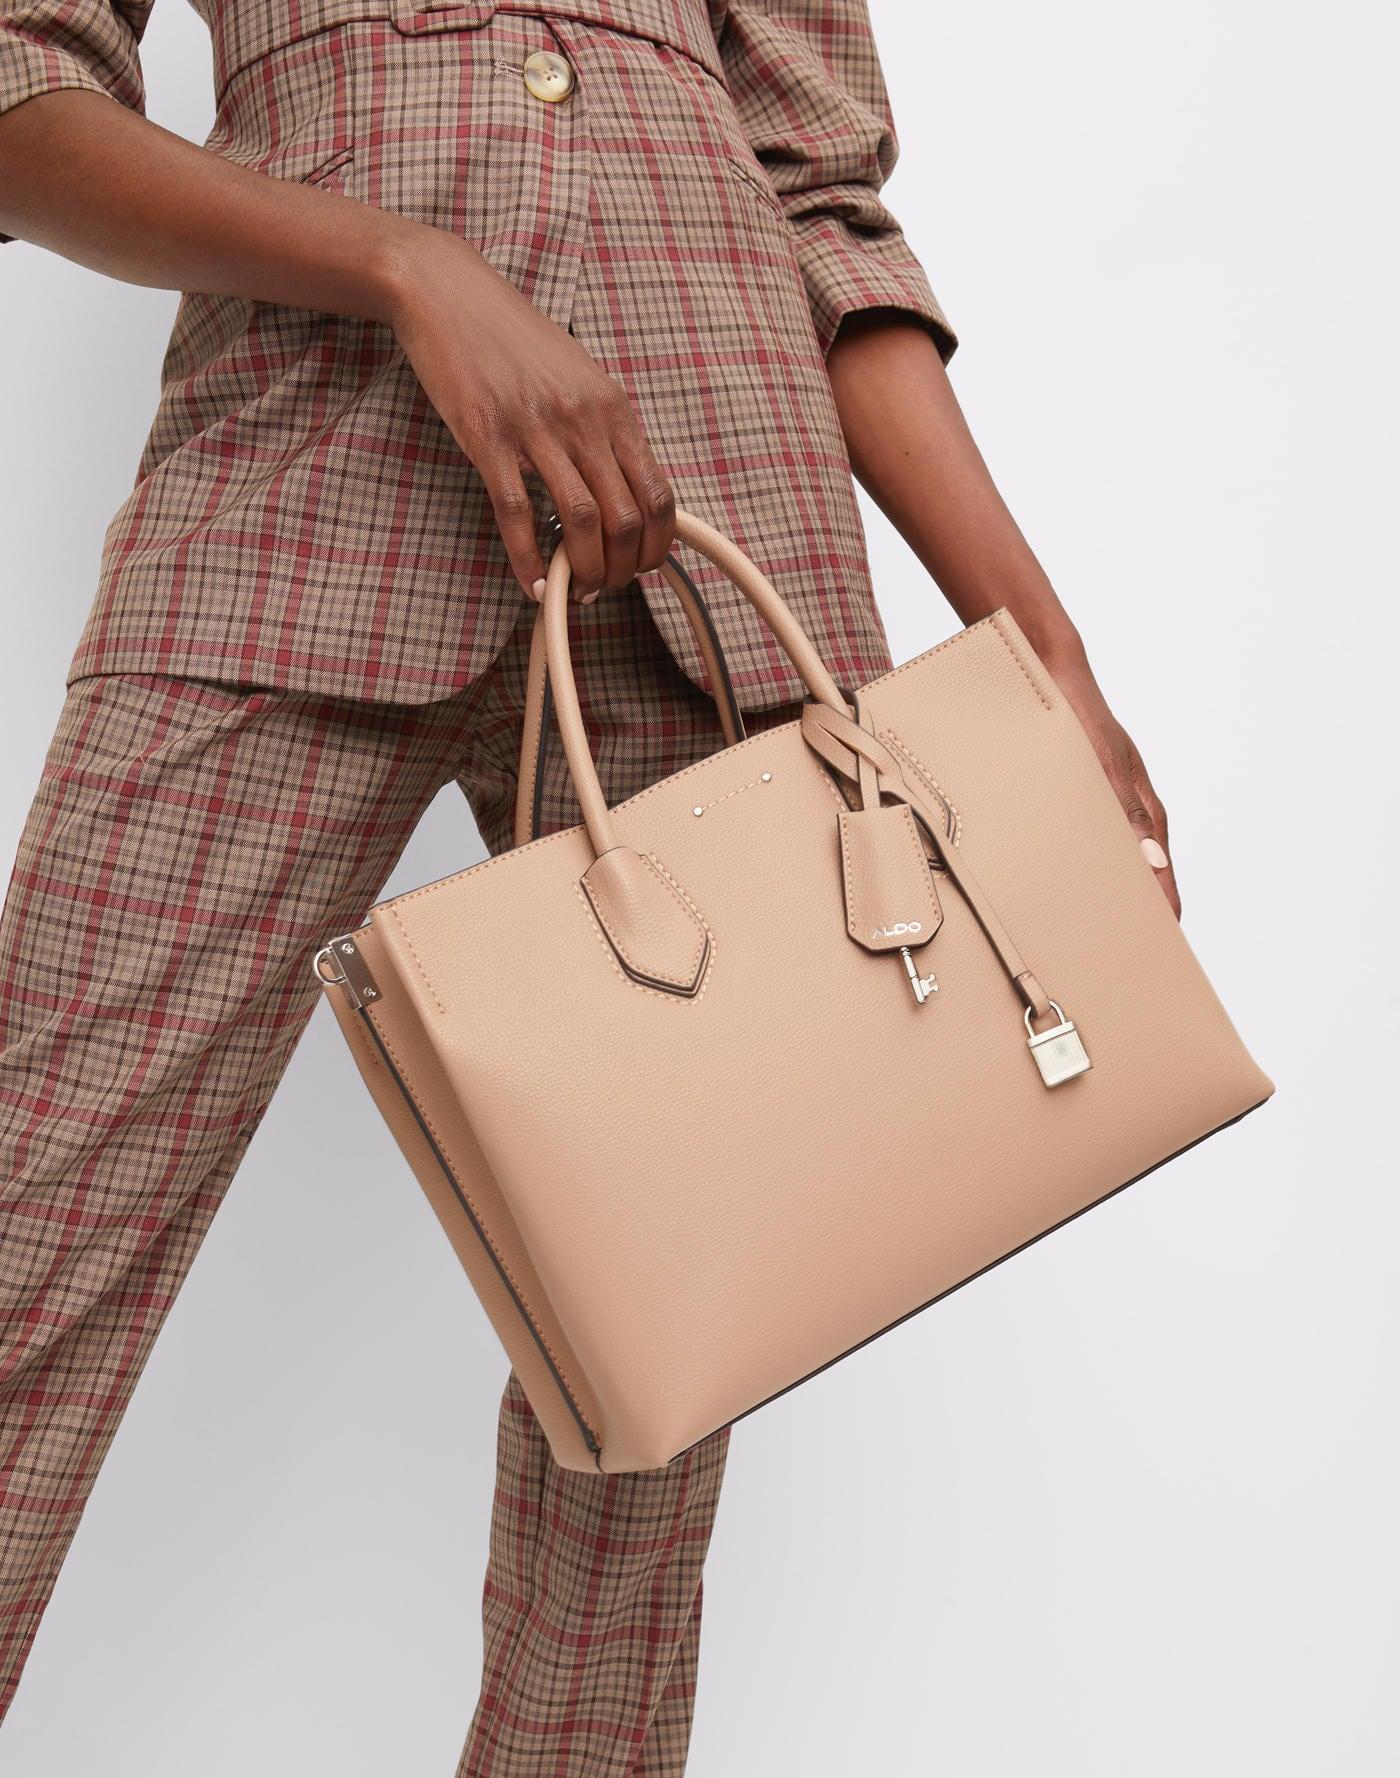 714037c7f1 Visualizza tutte le borse | Aldoshoes.com Italia